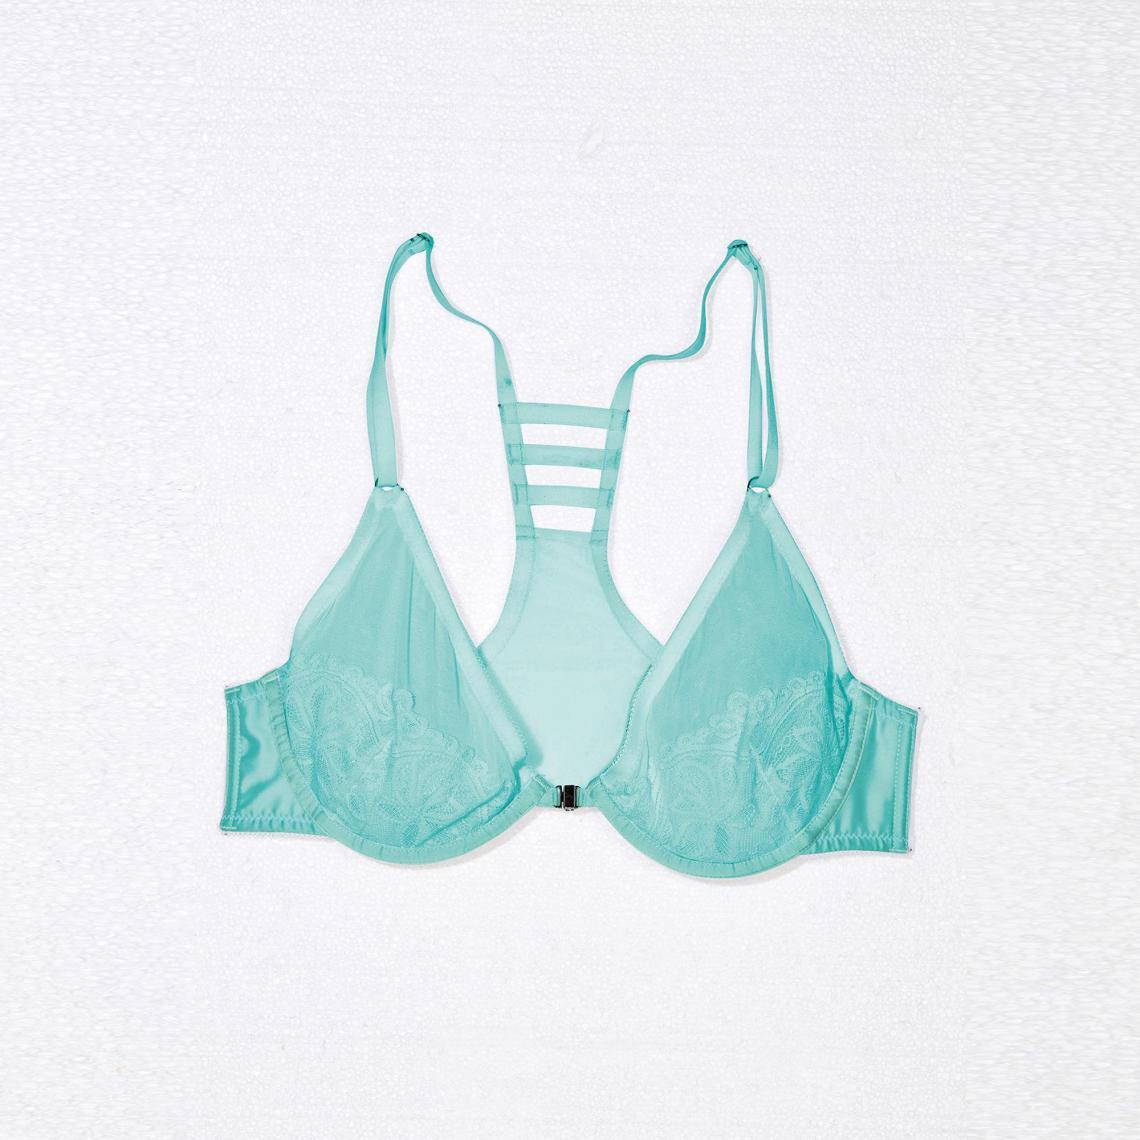 49433dc34b04f4 Soutien-gorge agrafage devant satin dentelle femme - Turquoise | 3 ...